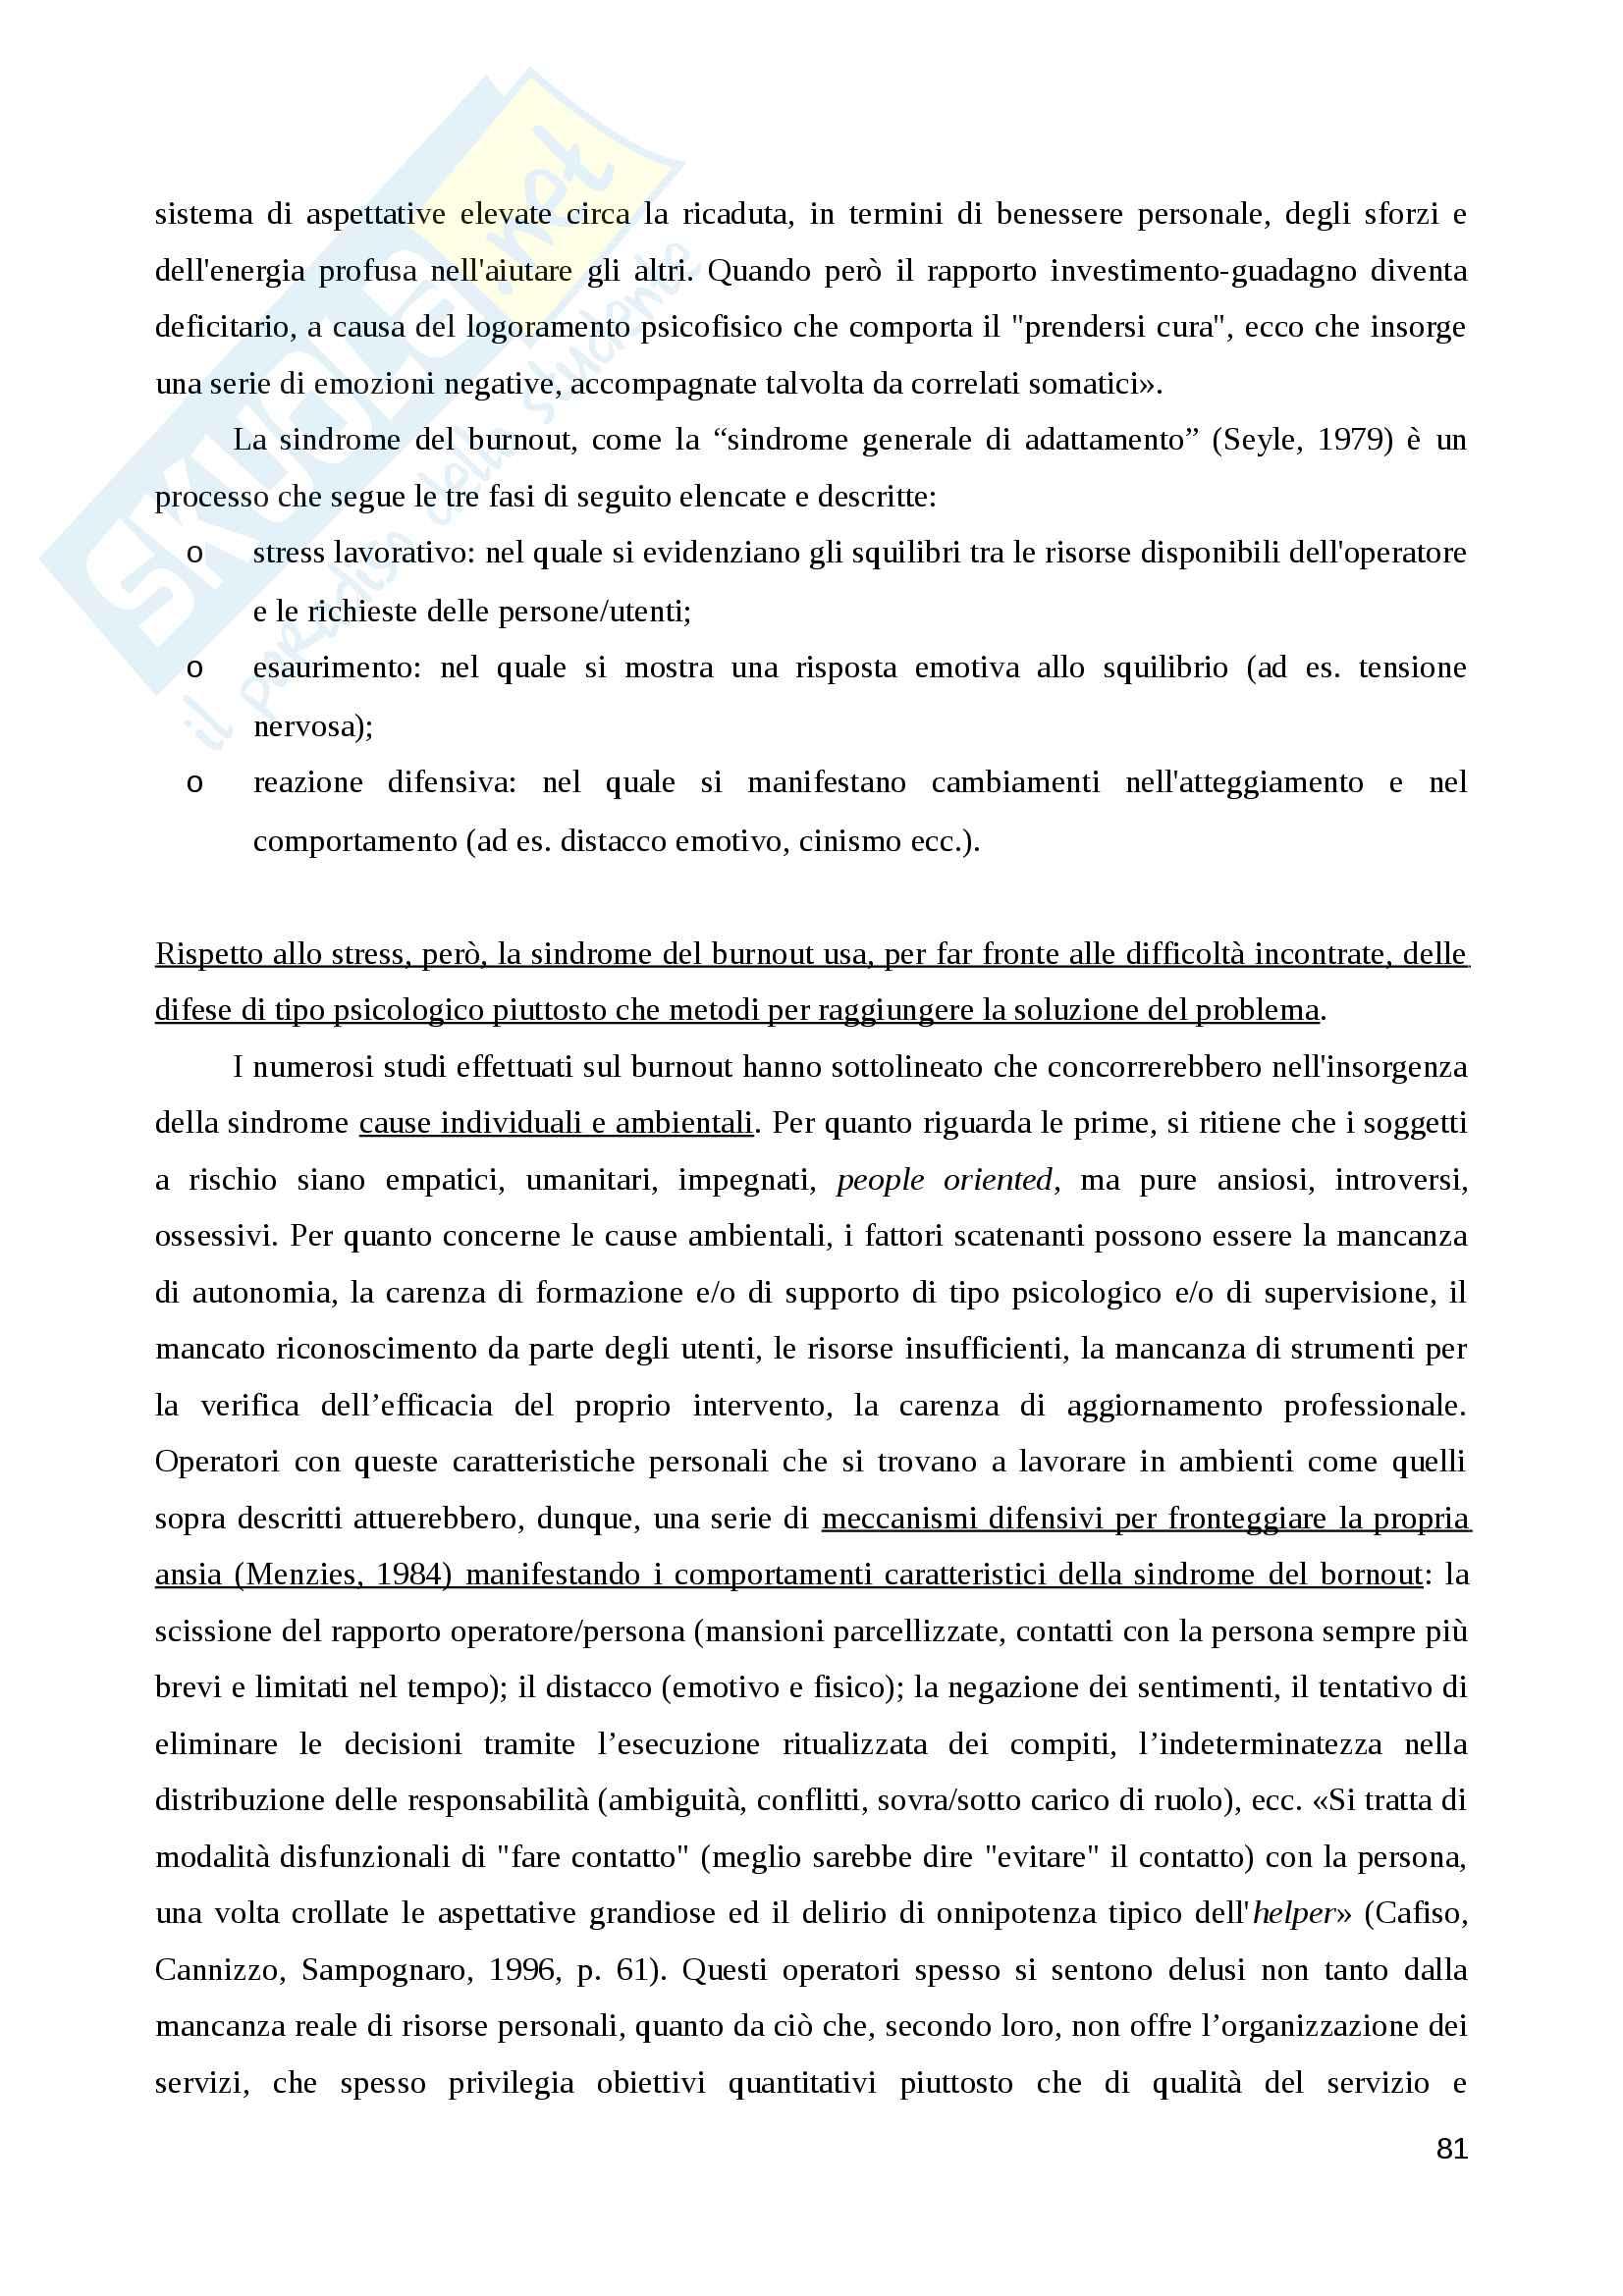 """Riassunto esame Metodi e tecniche del servizio sociale, prof.ssa Rizzo, libro adottato """"Assistenti sociali professionisti"""", Annamaria Zilianti, Beatrice Rovai Pag. 81"""